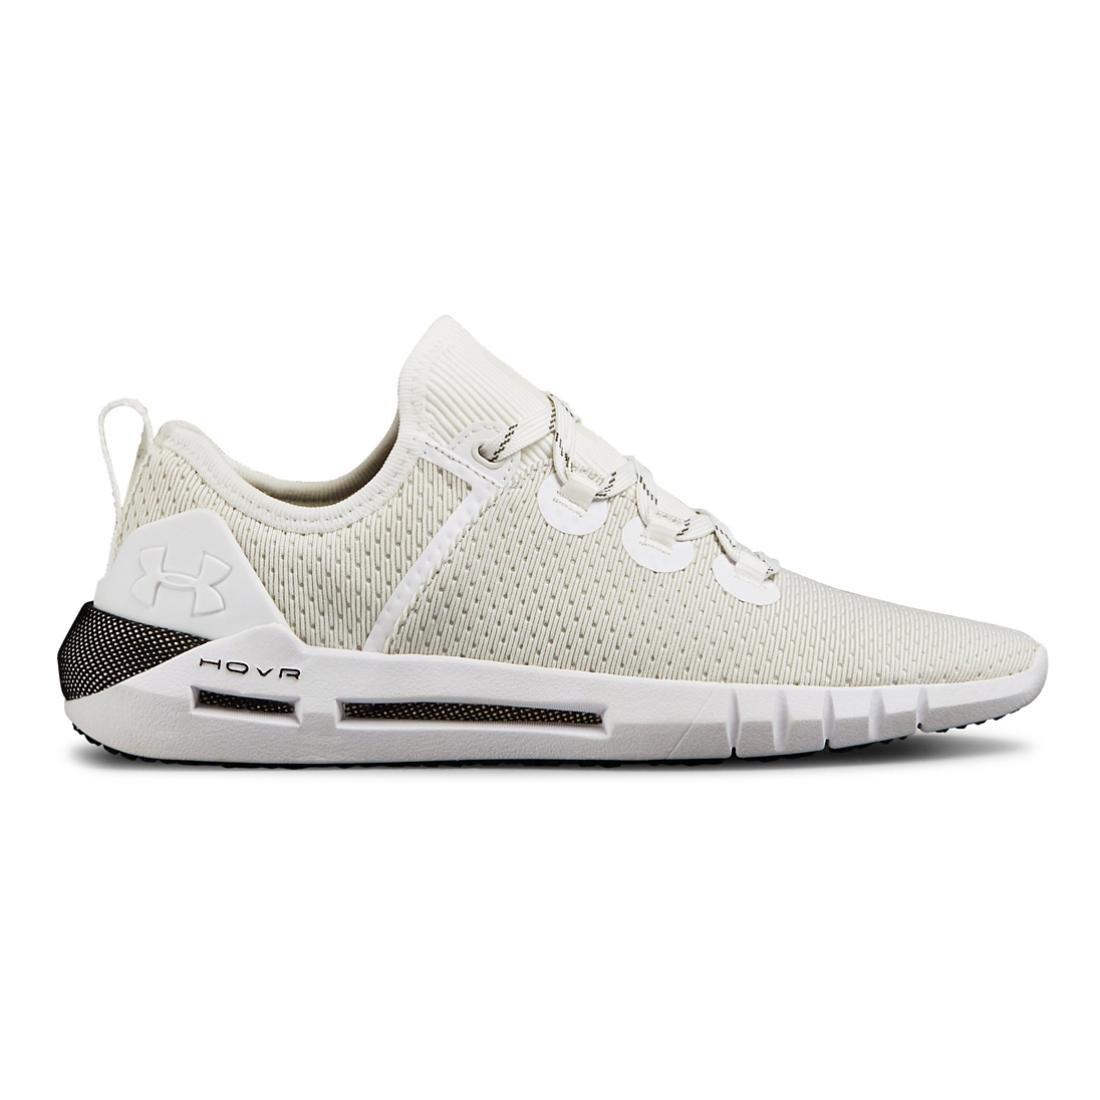 Under Armour Women's HOVR SLK Sneaker B076S469B6 6 M US|White (102)/Black